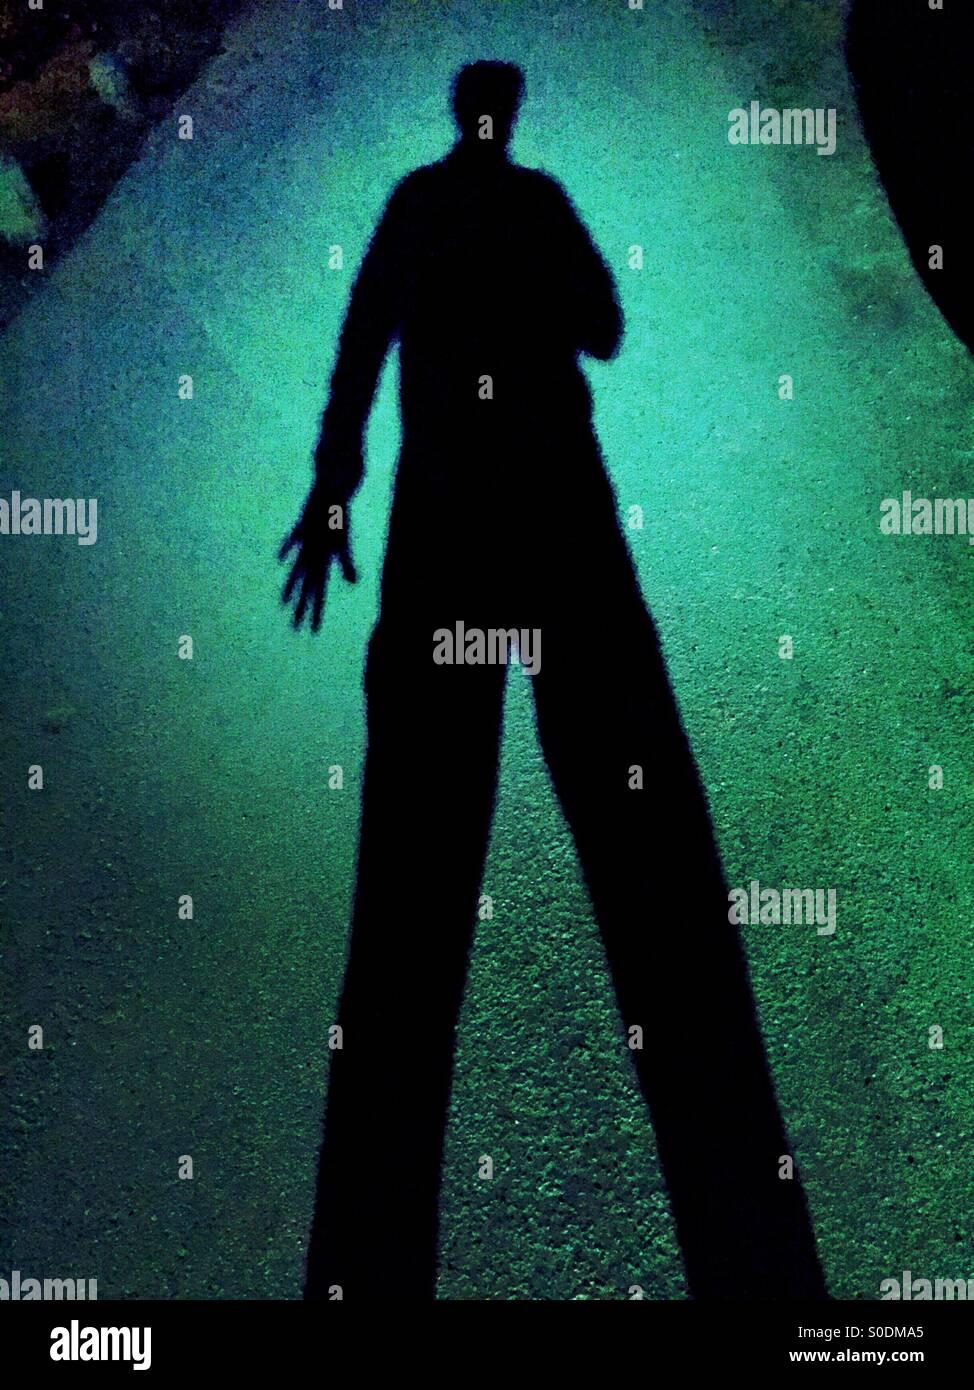 Düstere Schatten von einem einarmigen Mann Stockbild